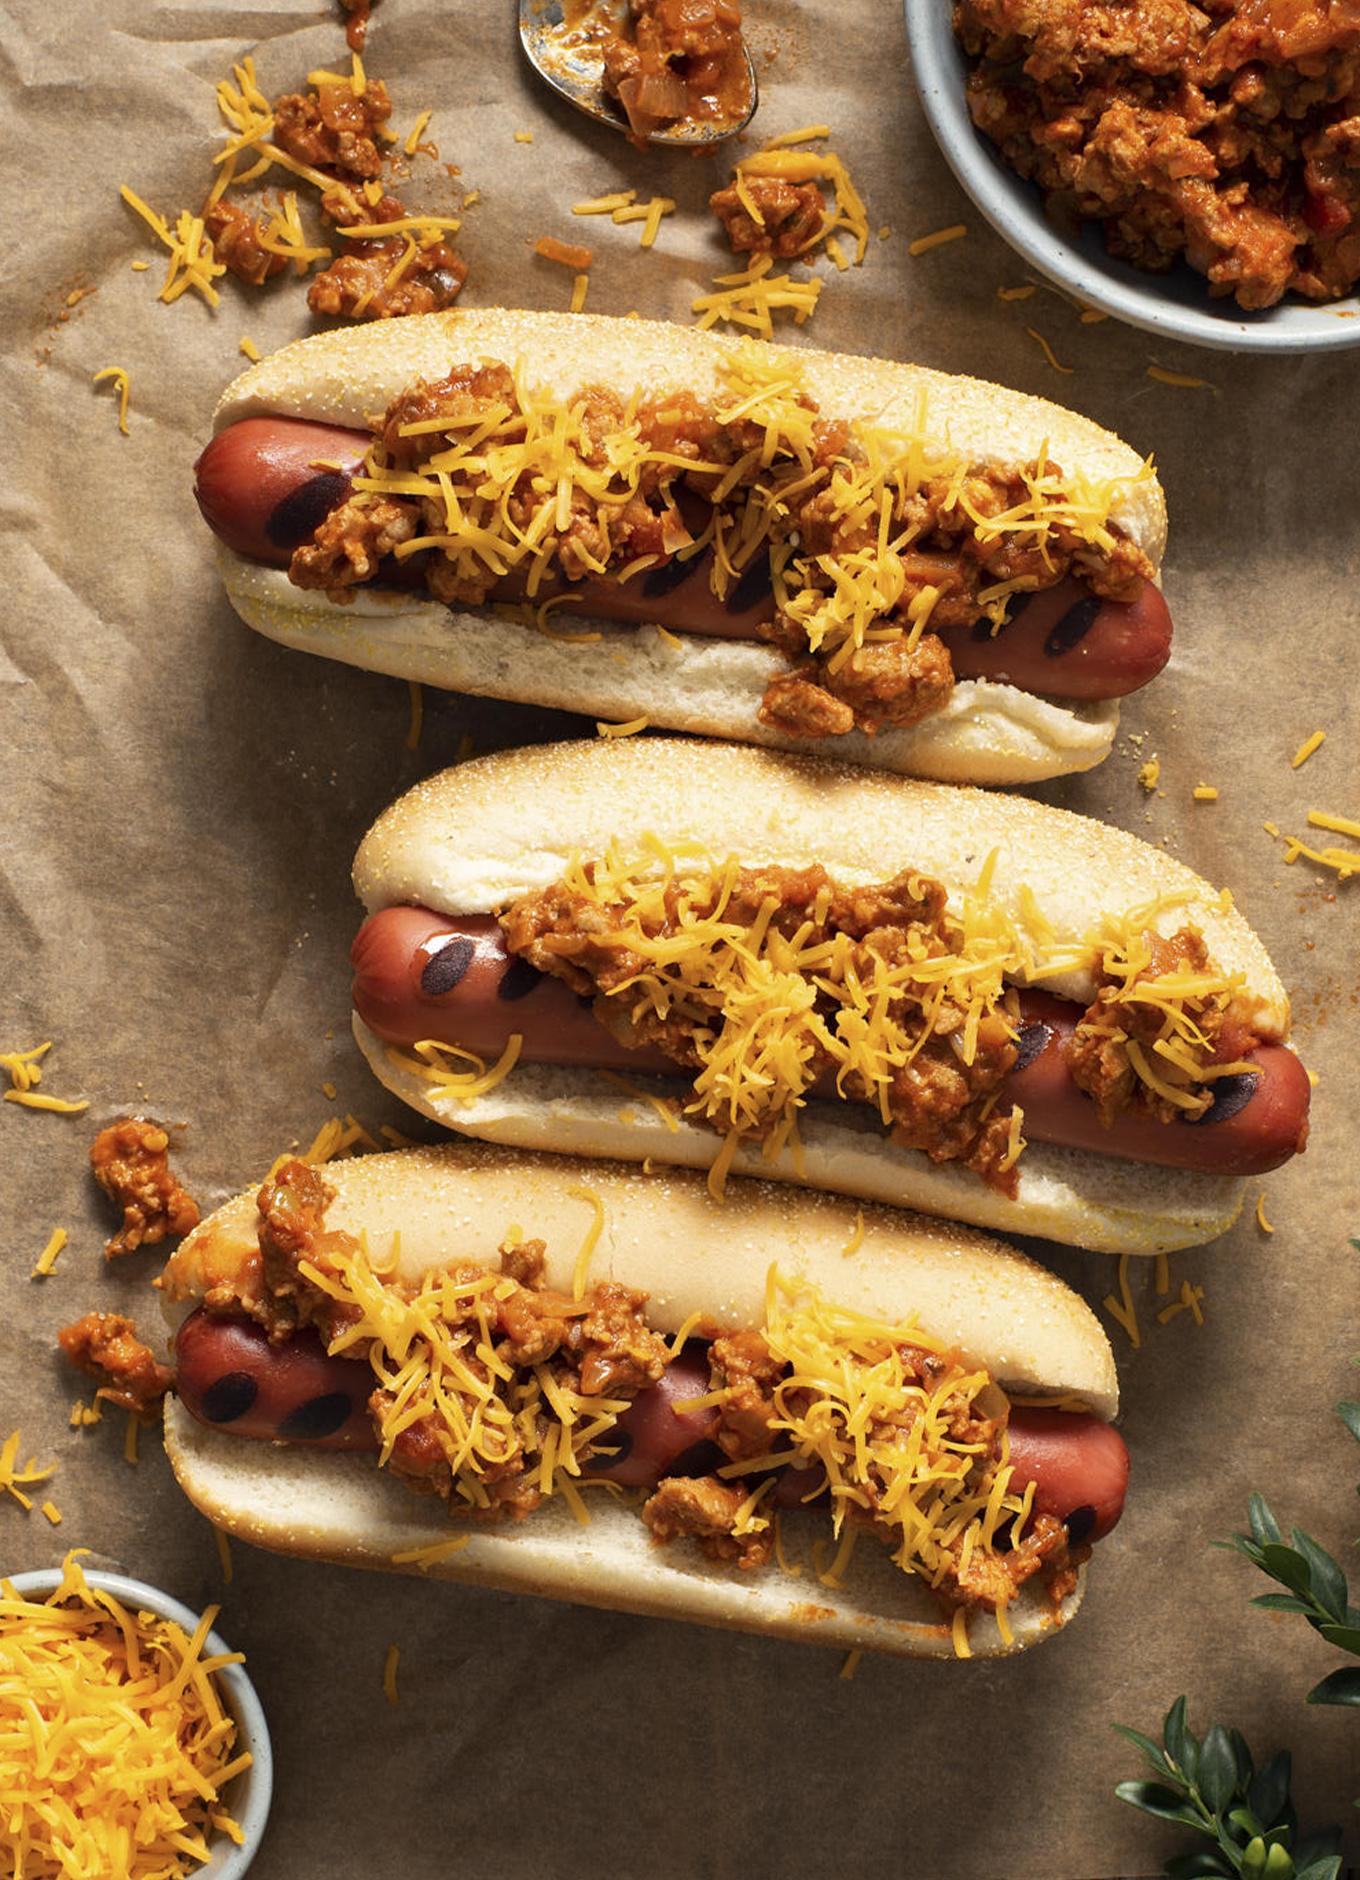 Trois hot-dogs lovés dans des pains grillés, garnis de chili et de fromage fondu, placés sur une feuille de papier parchemin et entourés d'aliments